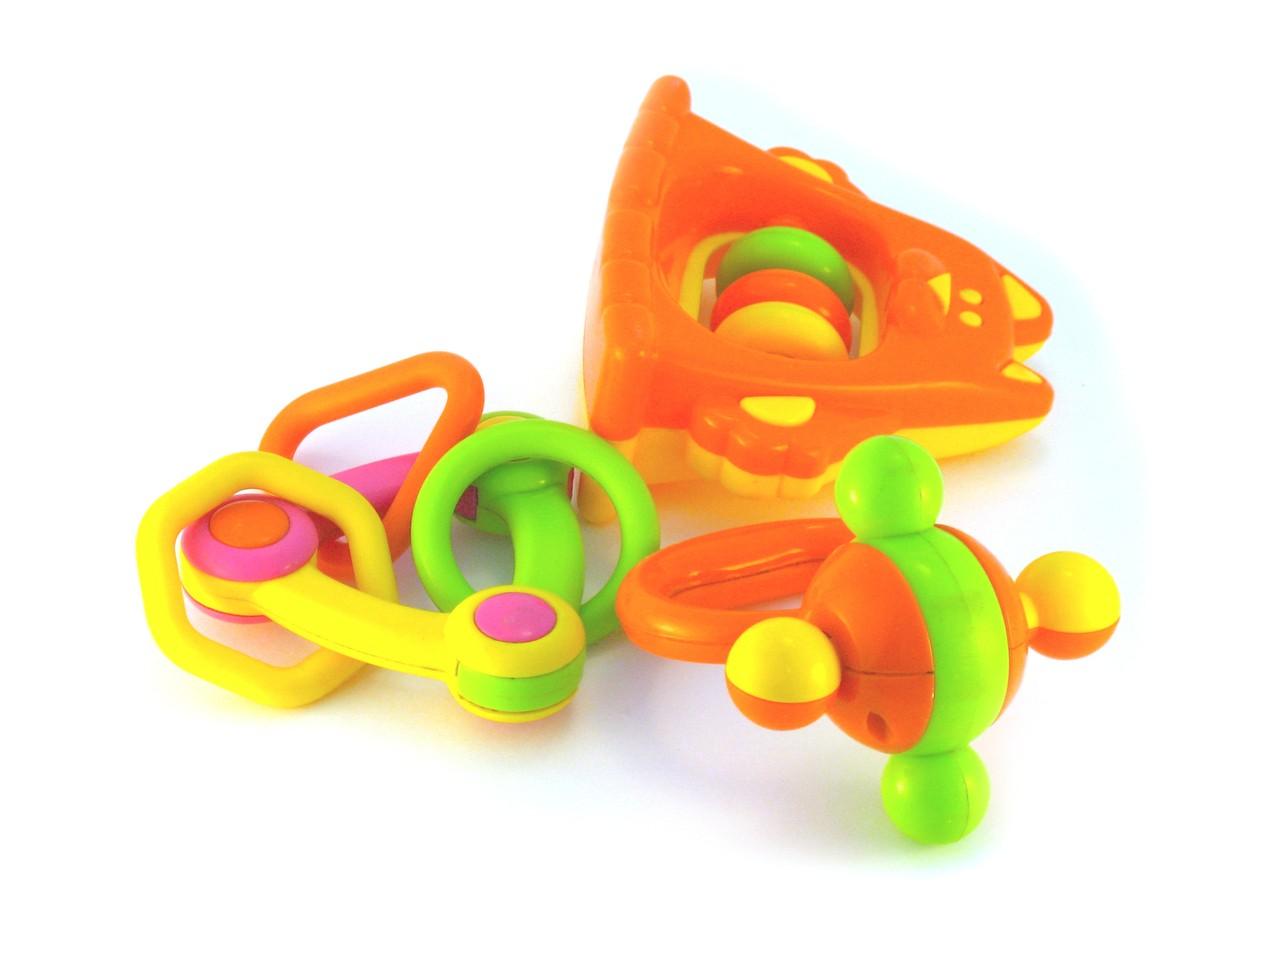 Zabawki muszą być bezpieczne